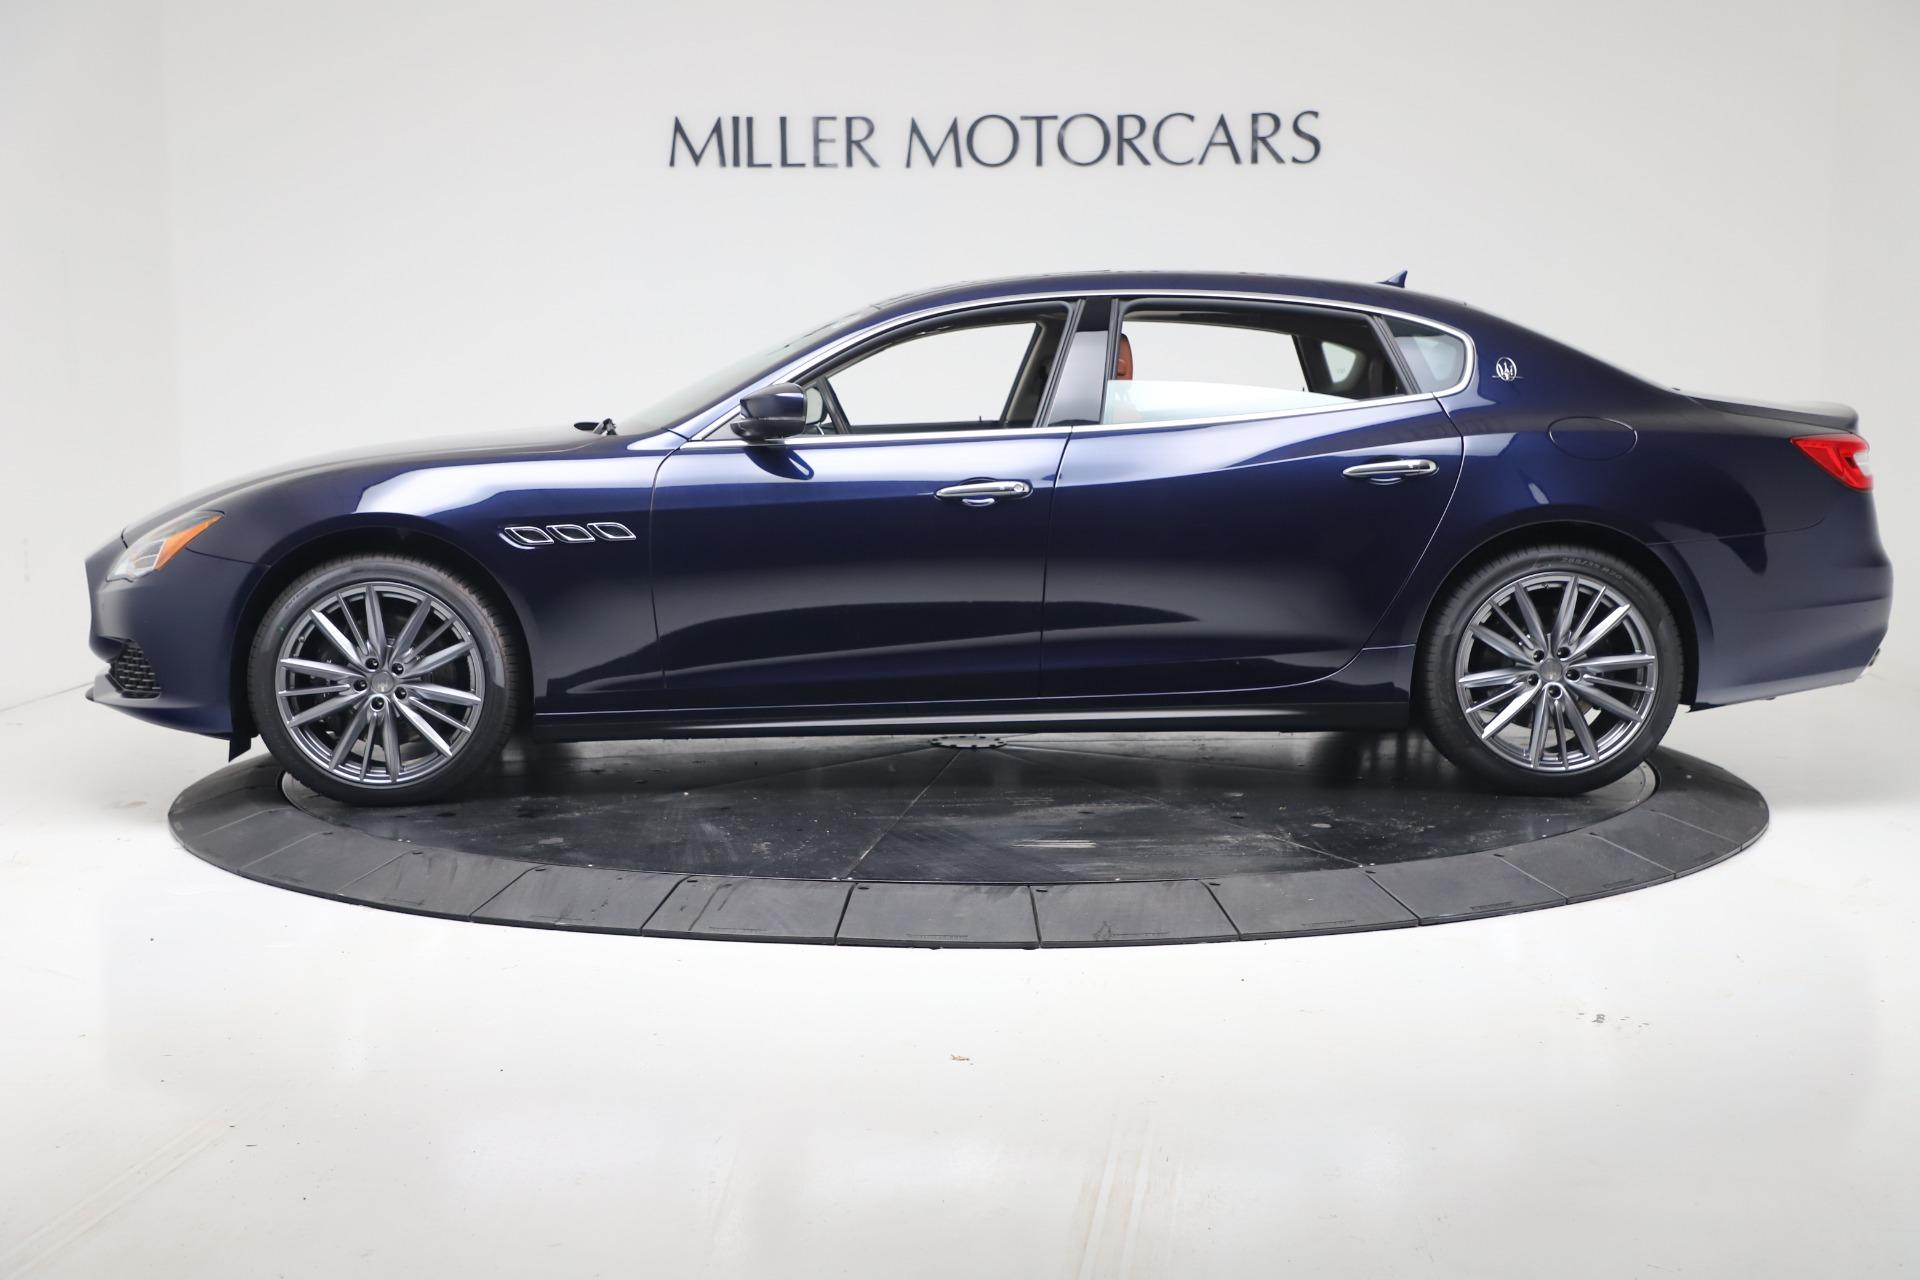 New 2019 Maserati Quattroporte S Q4 For Sale In Greenwich, CT 3440_p3